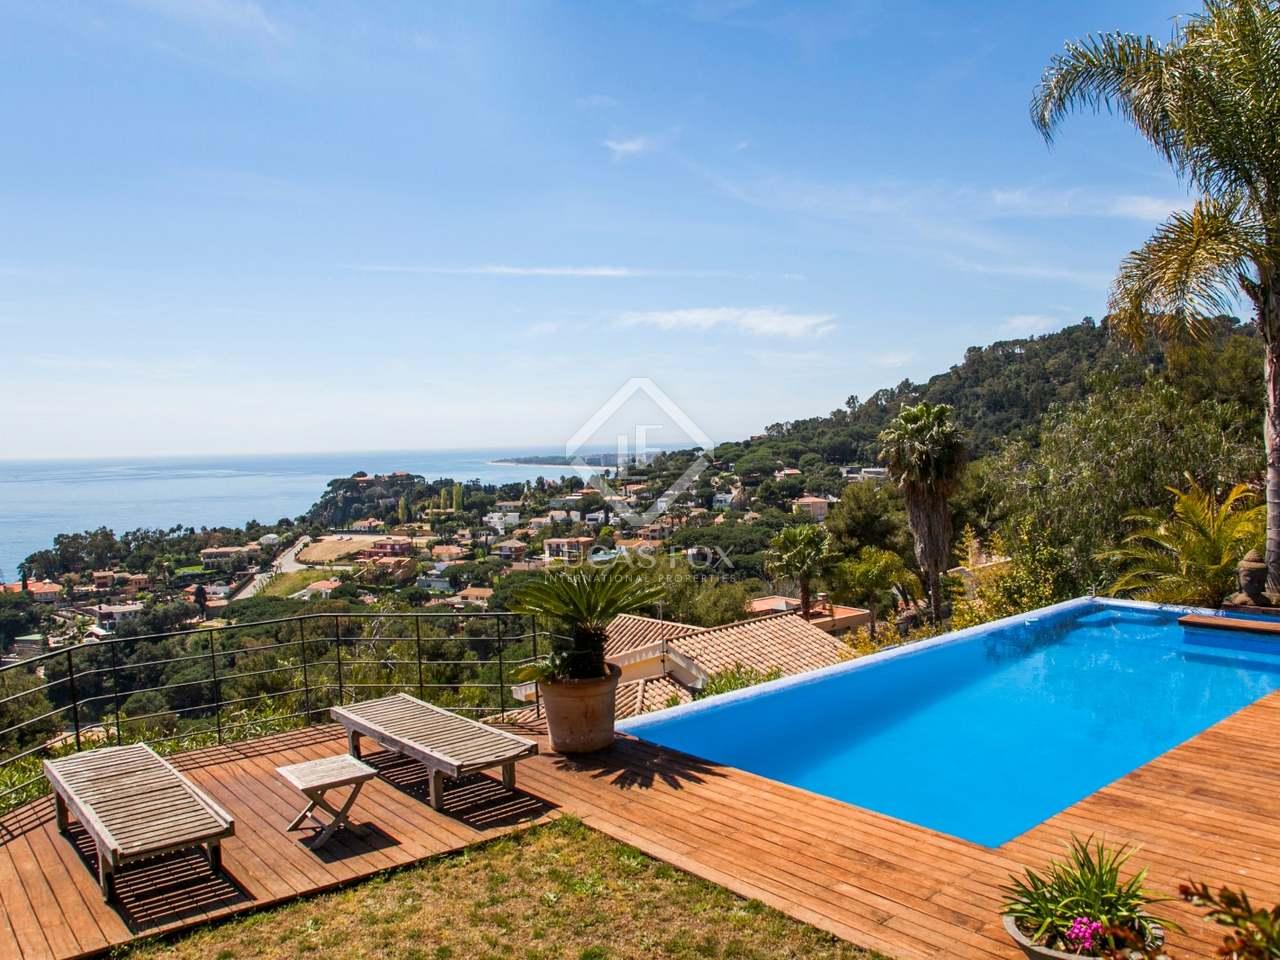 Villa de lujo a la venta en blanes en la costa brava espa a - Camping de lujo en espana ...